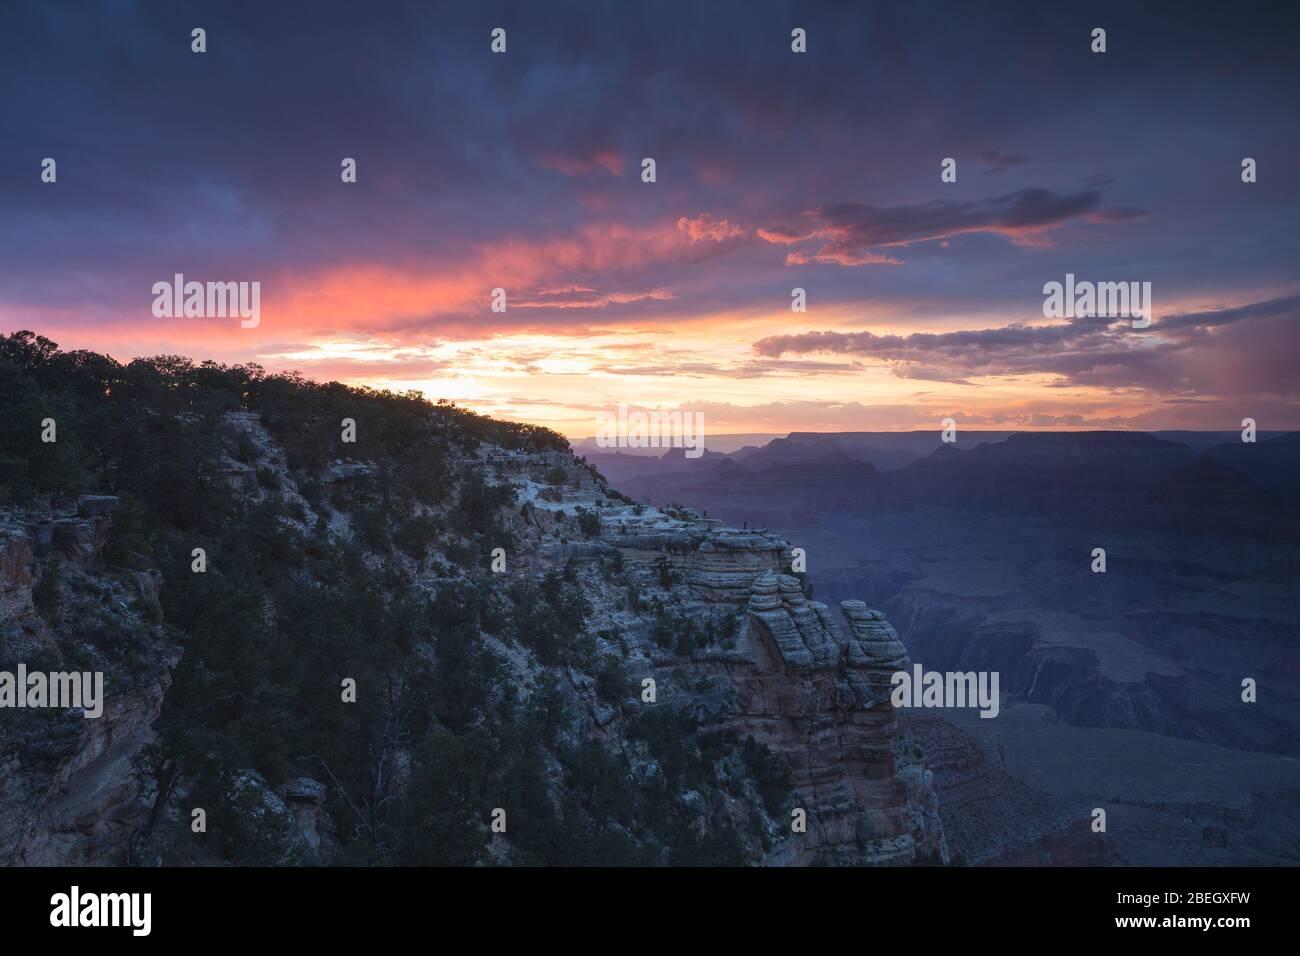 Puesta de sol en el Gran Cañón con cielo rojo Foto de stock